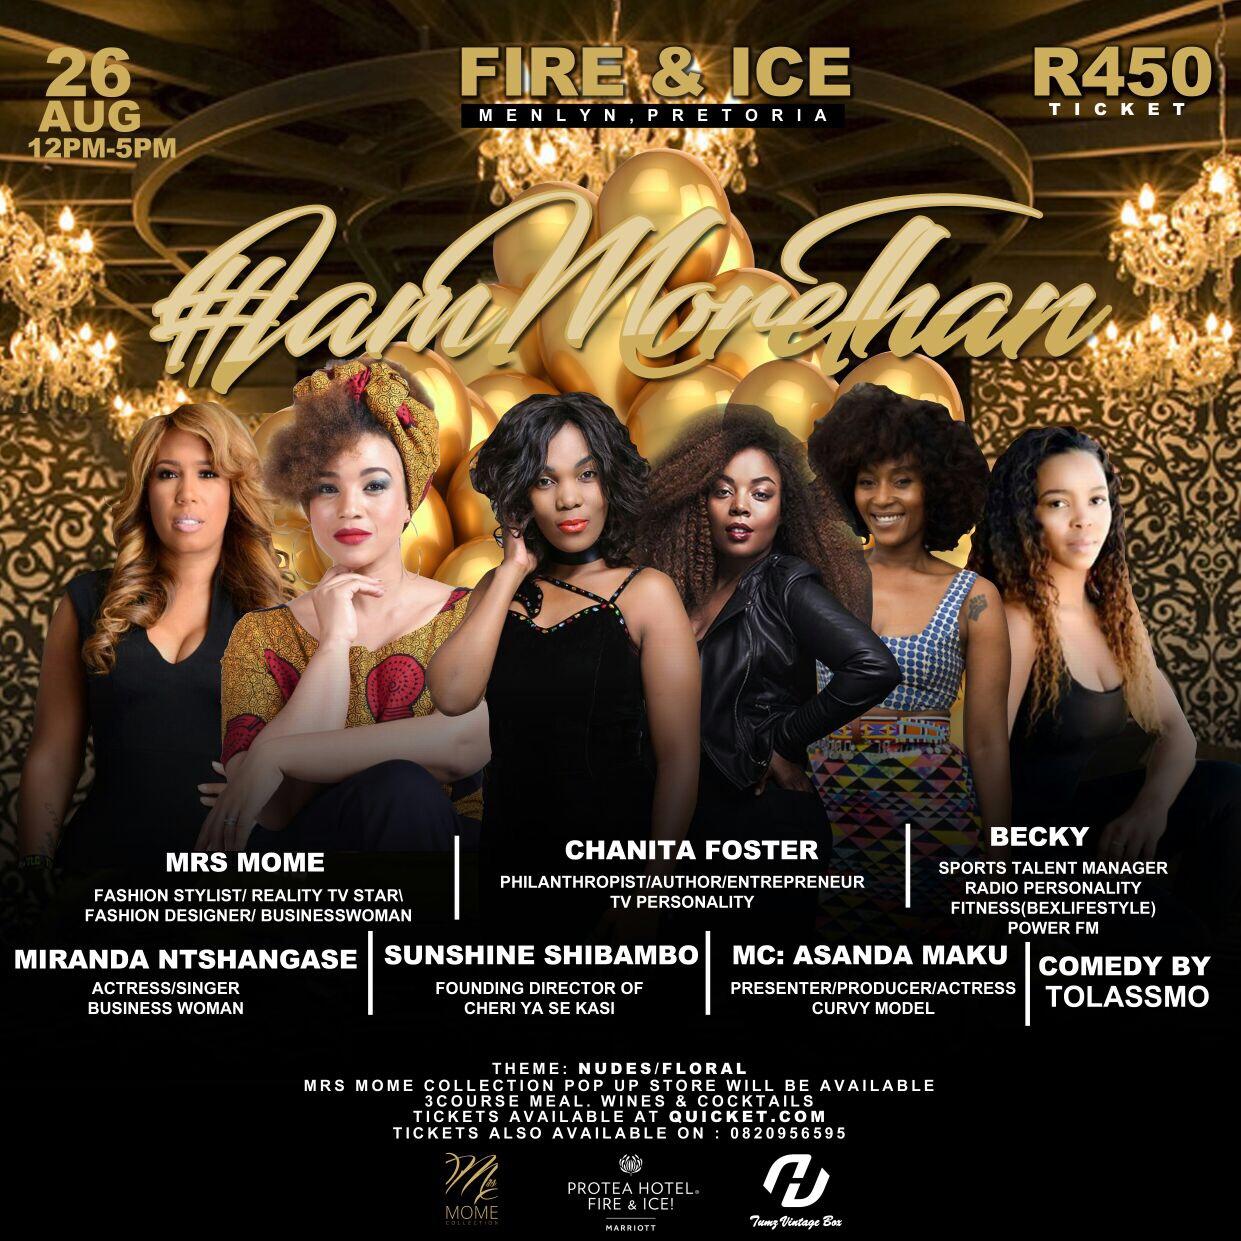 Fire & Ice Poster | Miranda Mokhele Ntshangase Music